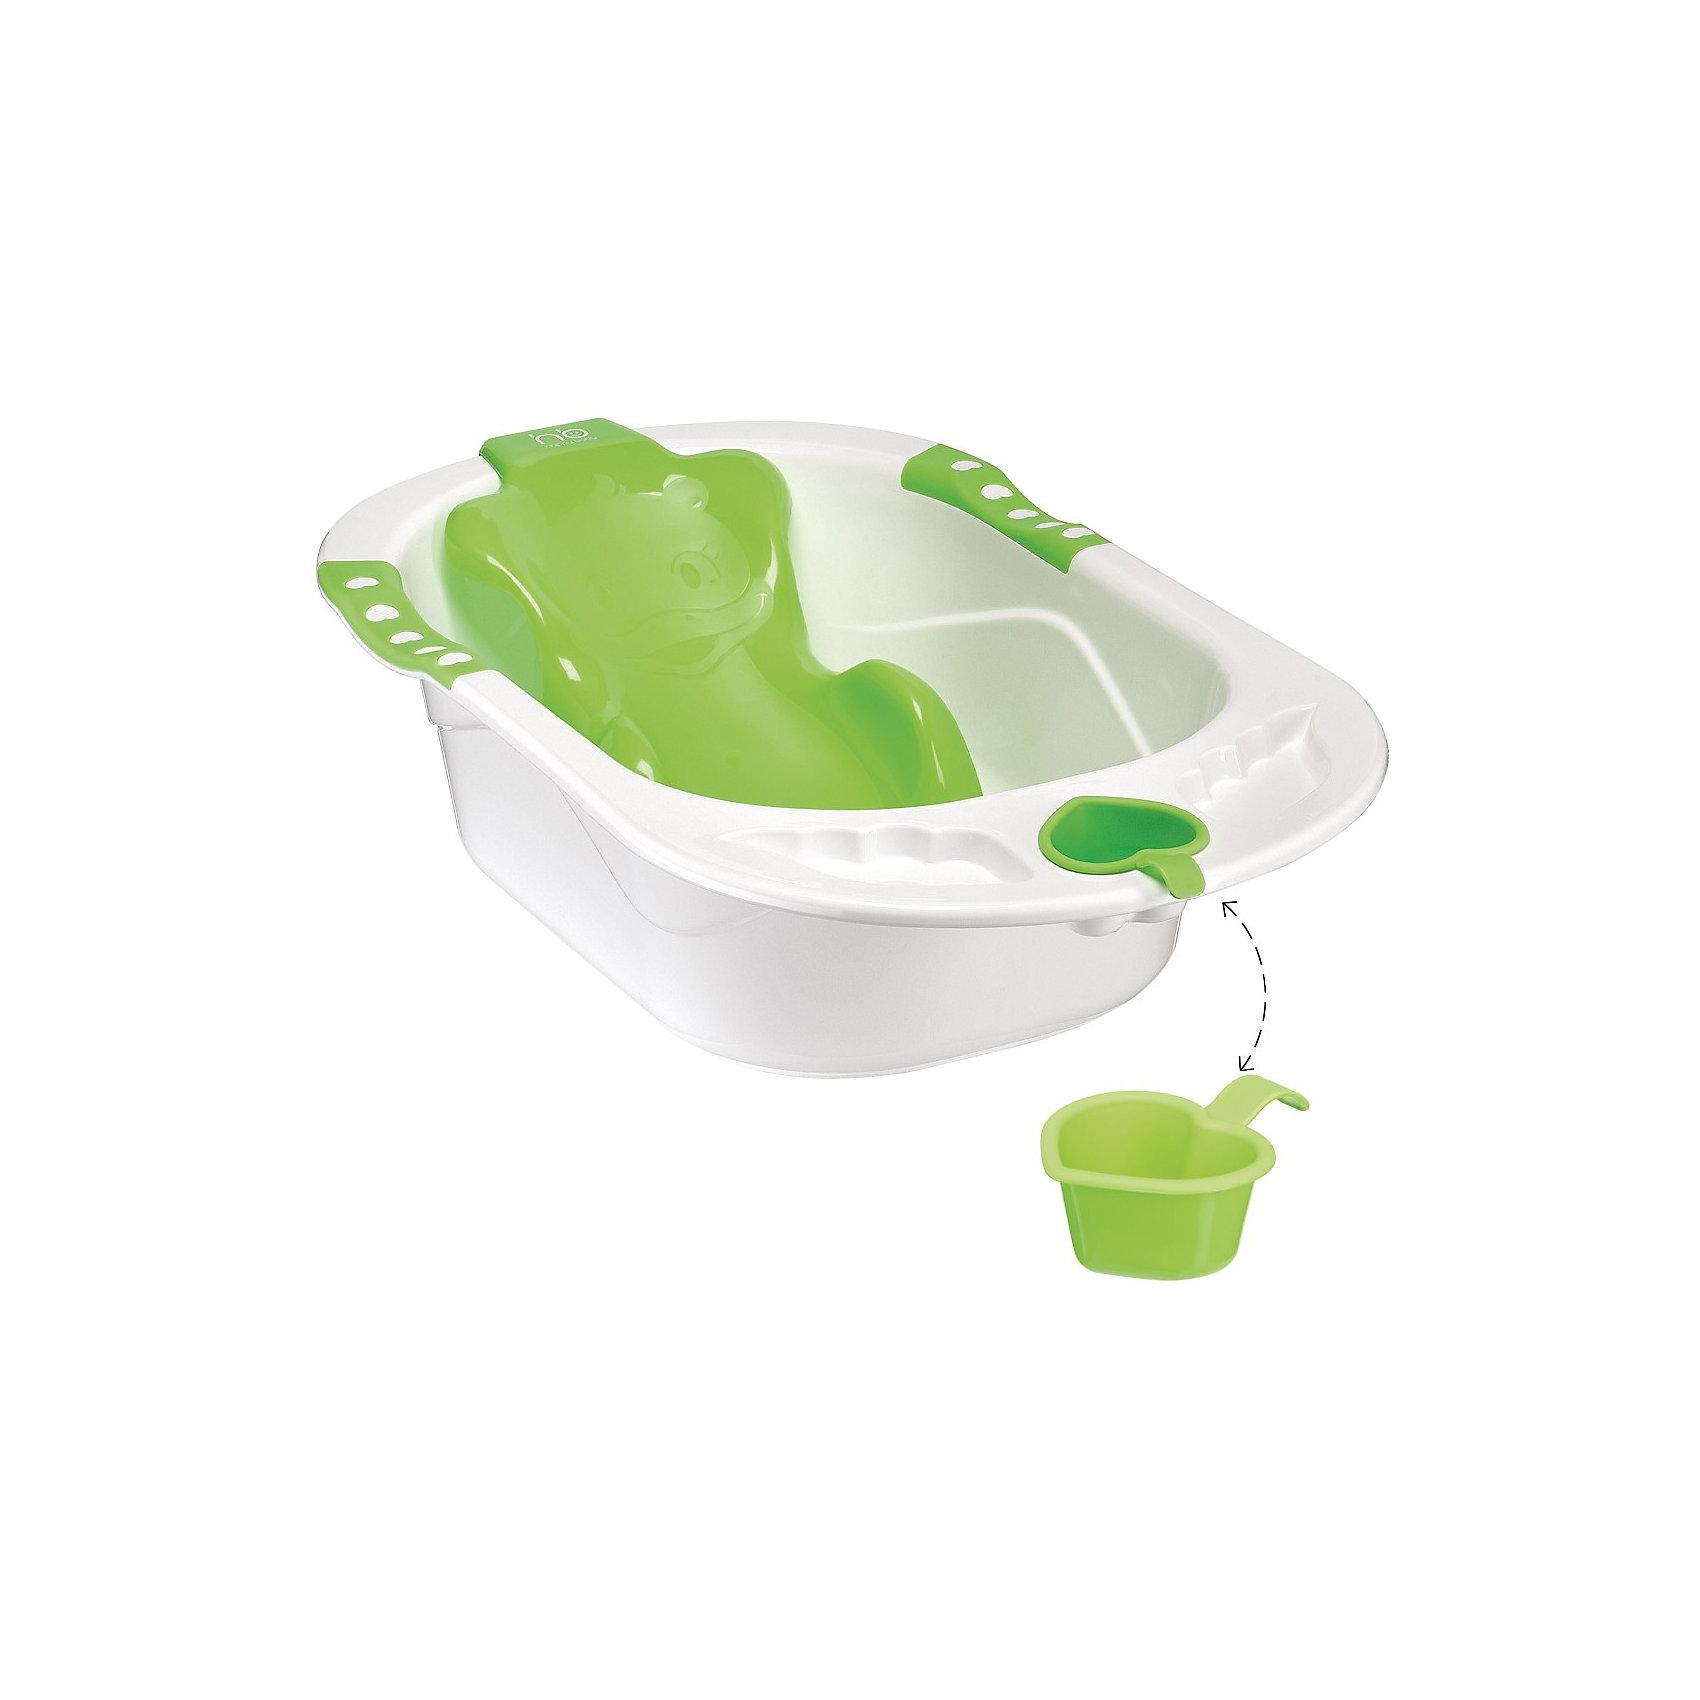 Ванна с анатомической горкой BATH COMFORT, Happy Baby, зеленый